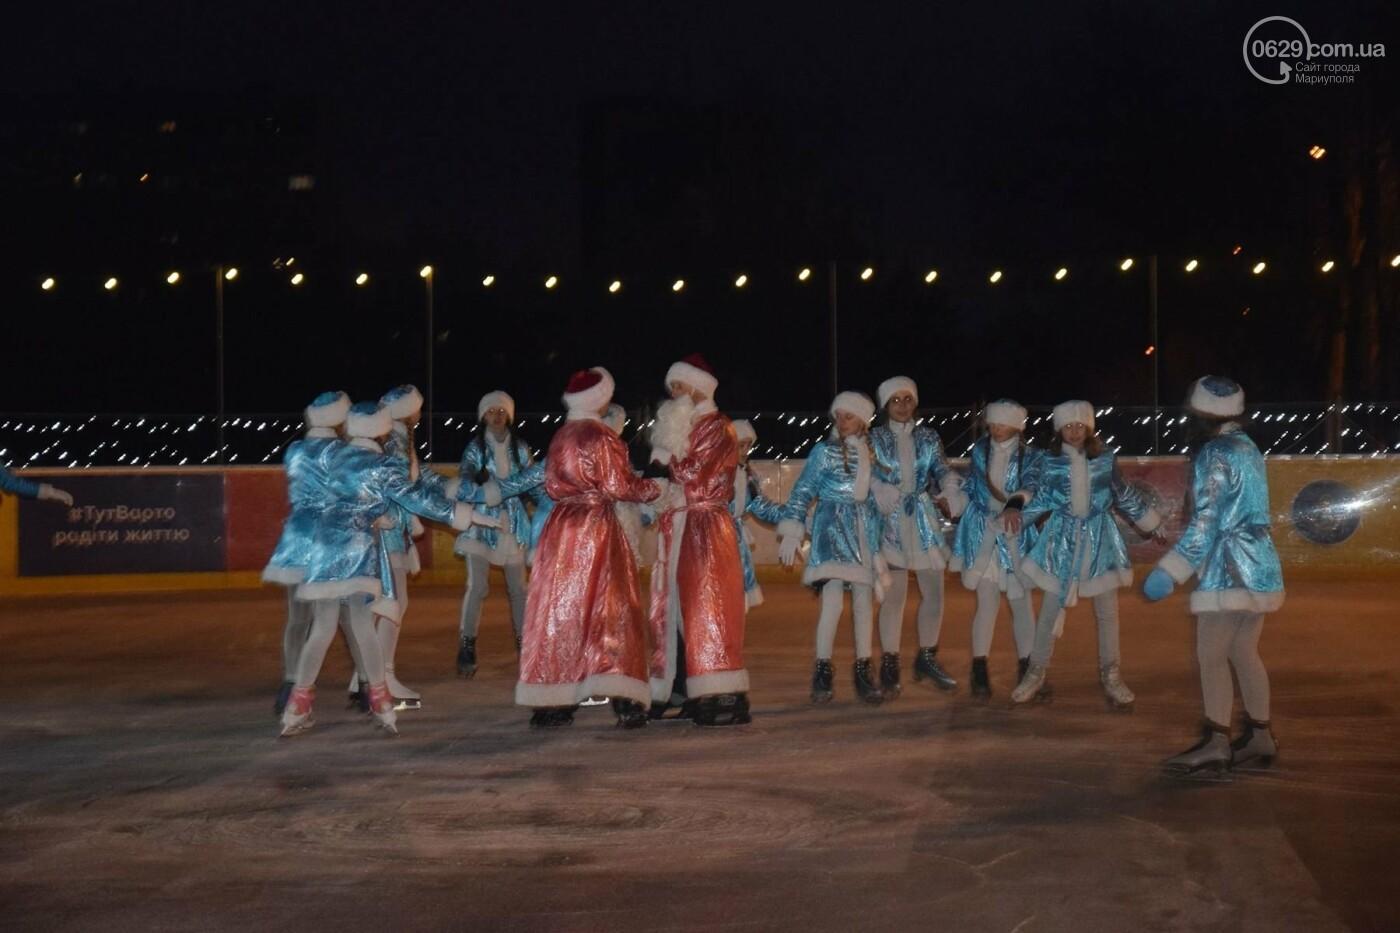 Открытие ледовой арены. Стоимость катания на городском  катке в  Мариуполе увеличилась вдвое  - ФОТО, ВИДЕО, фото-4